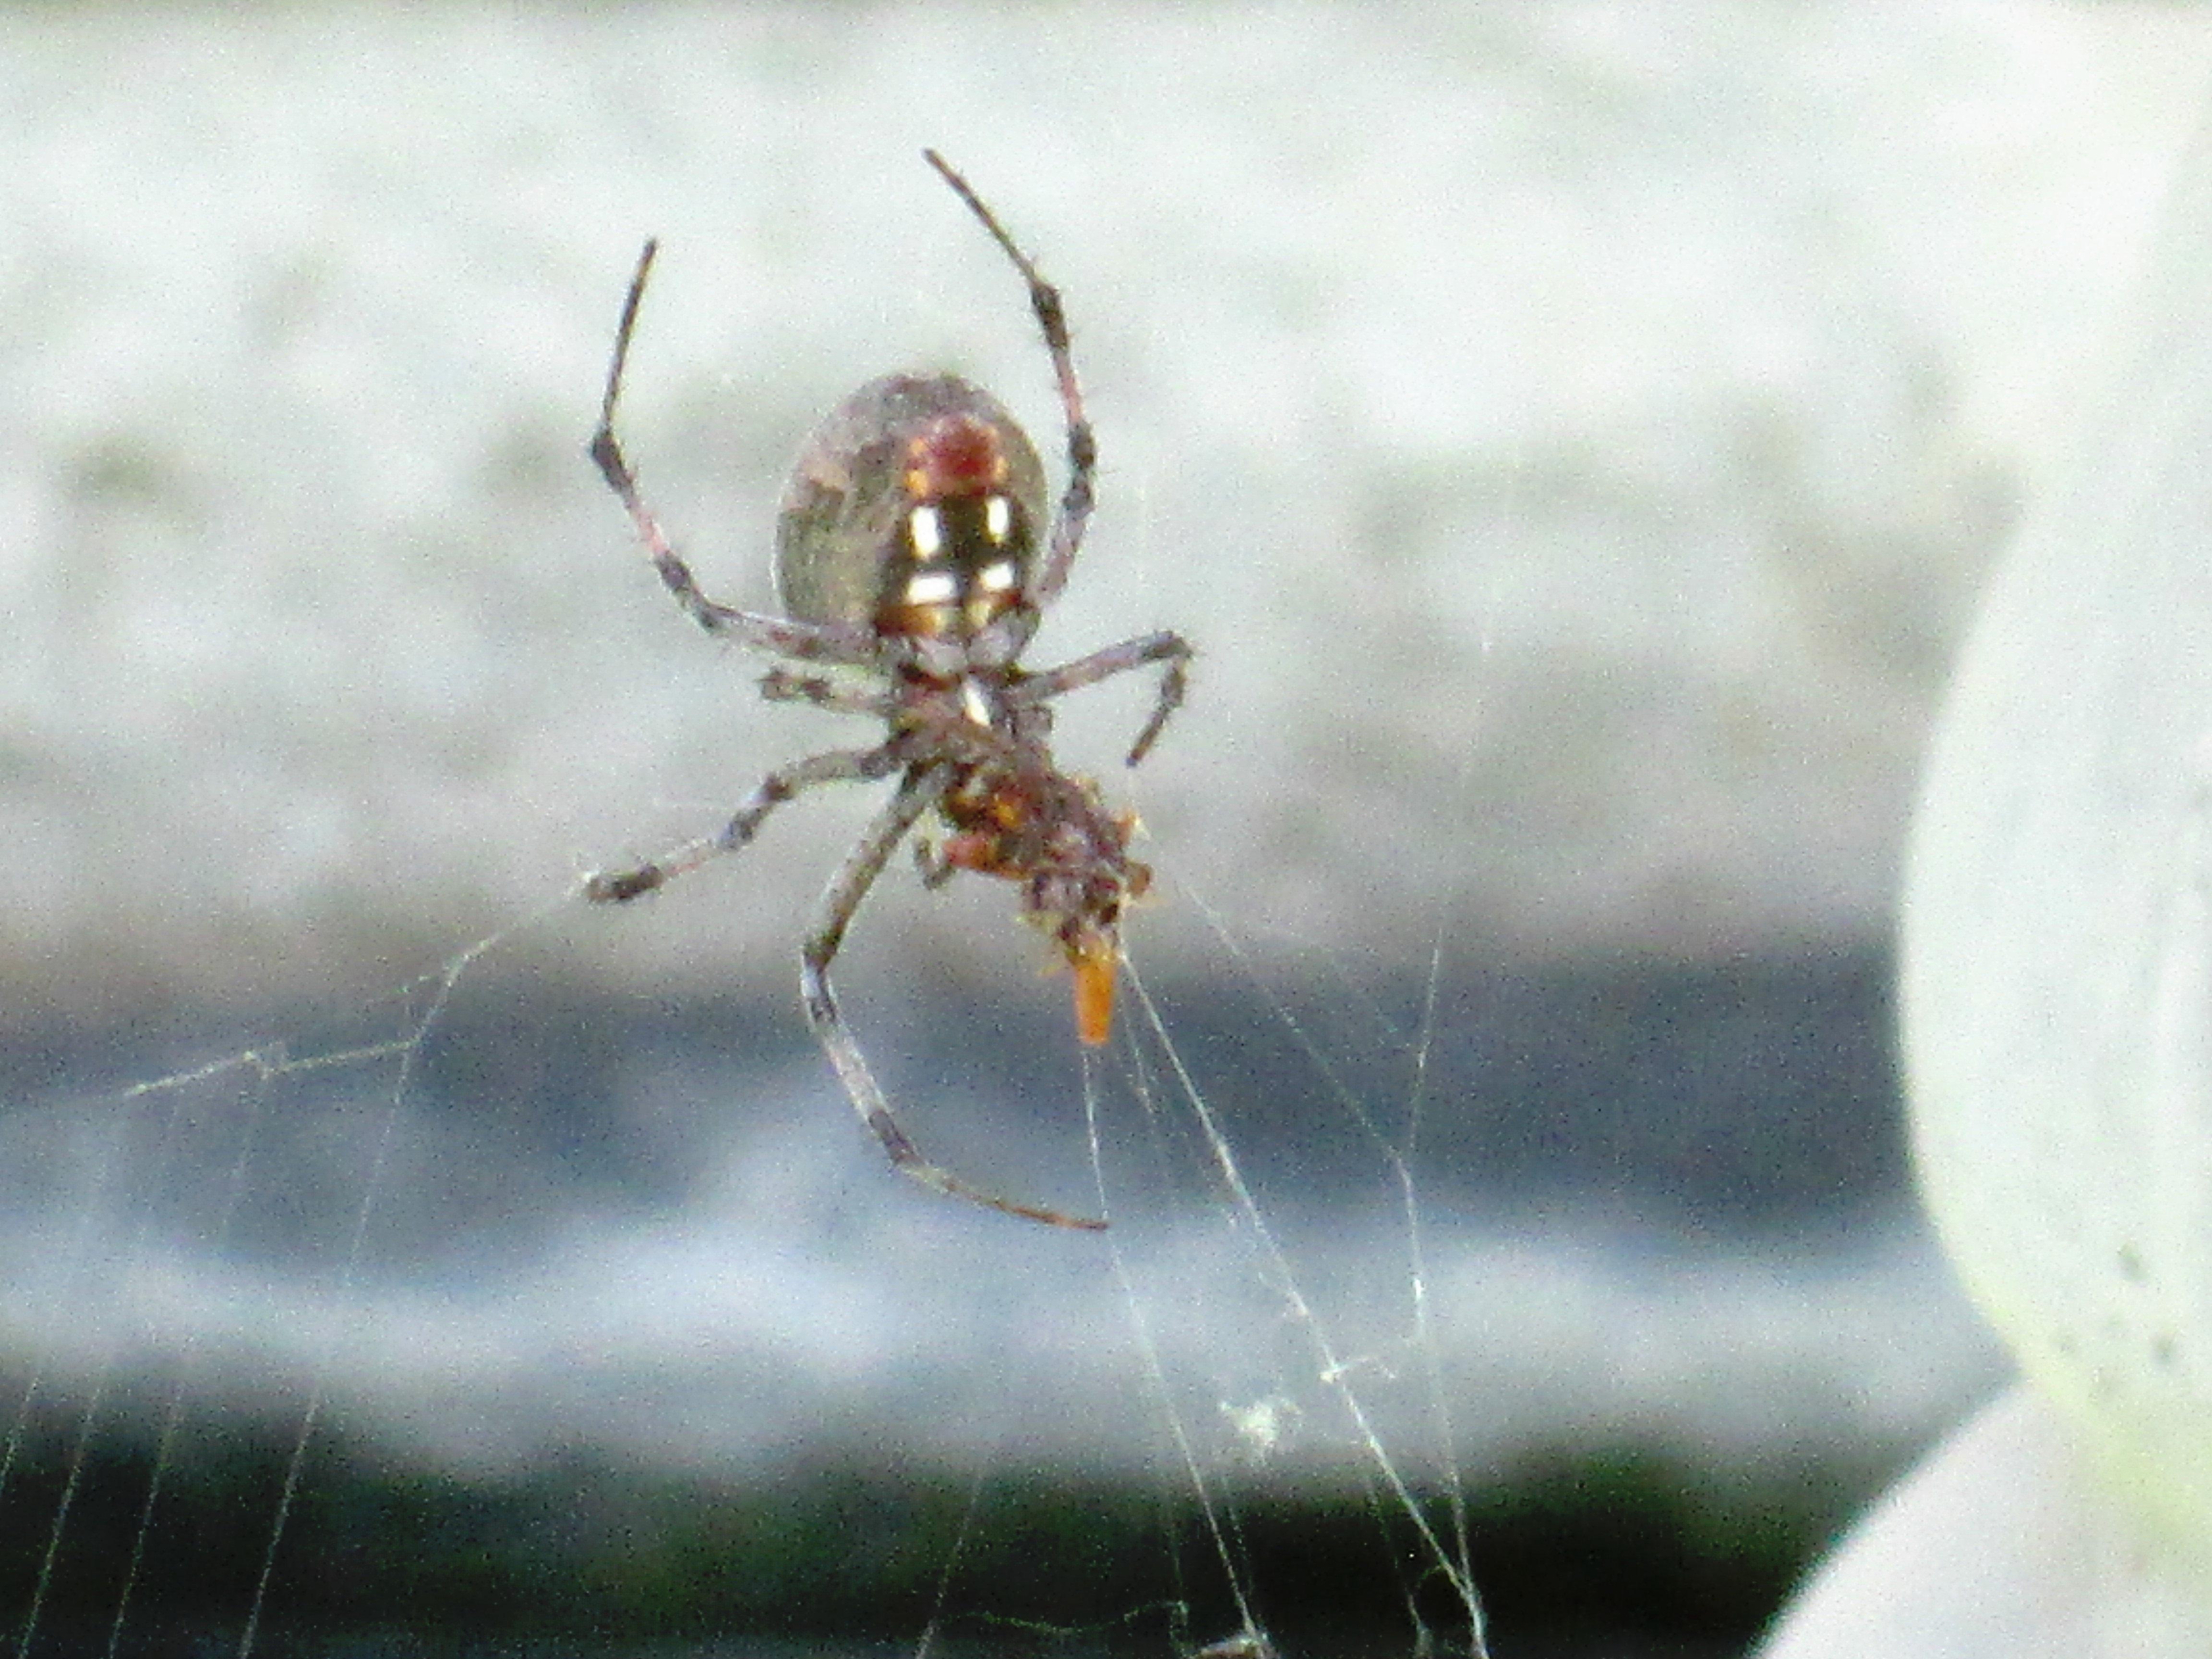 SPIDER identified in my garden – black, gray, large abdomen